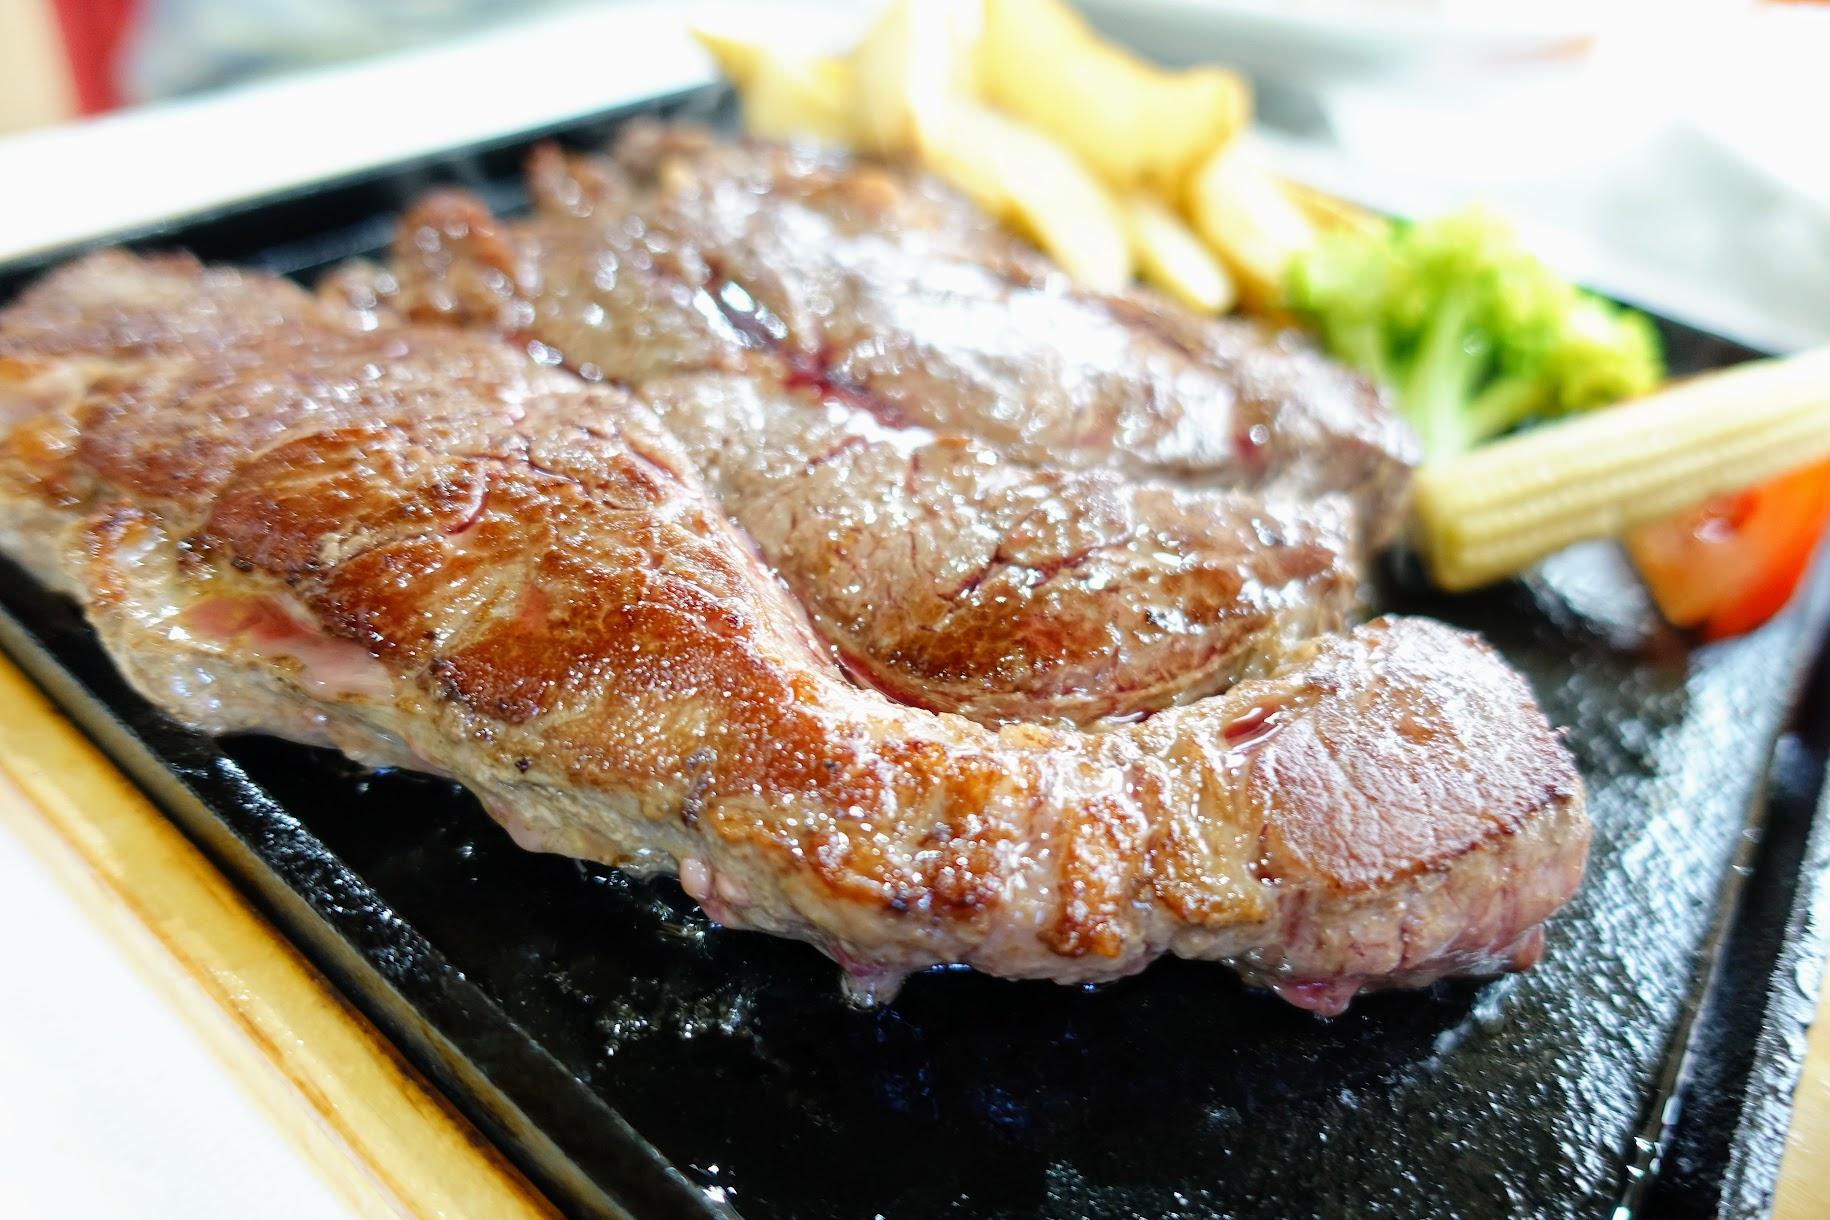 肉很大塊,有嚼勁